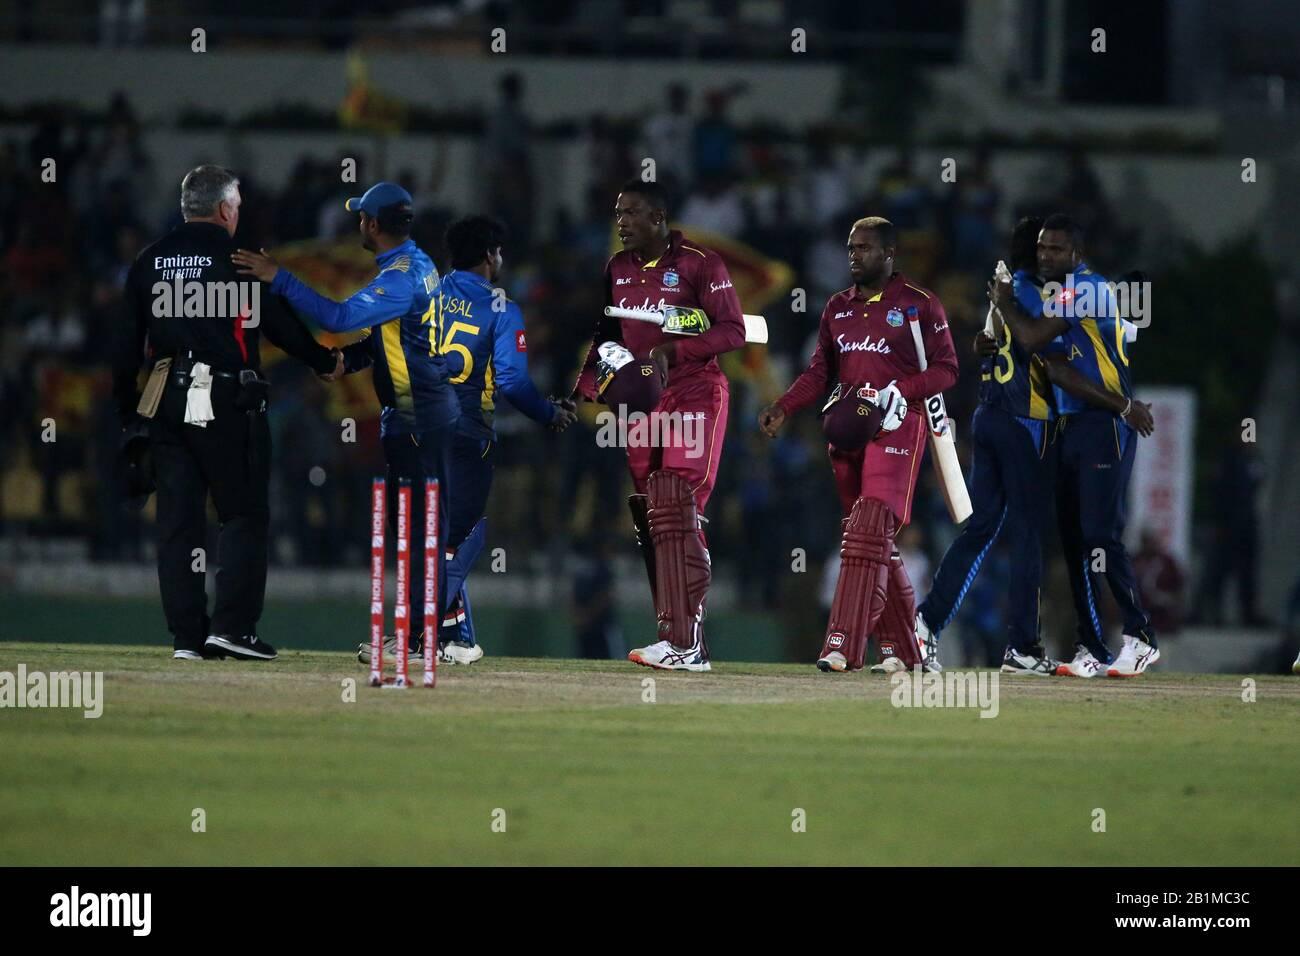 26 de febrero de 2020, el Mahinda Rajapaksha International Stadium, Hambantota, Sri Lanka; Un día Internacional de CRALISTIN, Sri Lanka contra las Indias Occidentales; los jugadores se dan la mano con el árbitro como Srilanka ganar el segundo ODI y tomar la serie Foto de stock